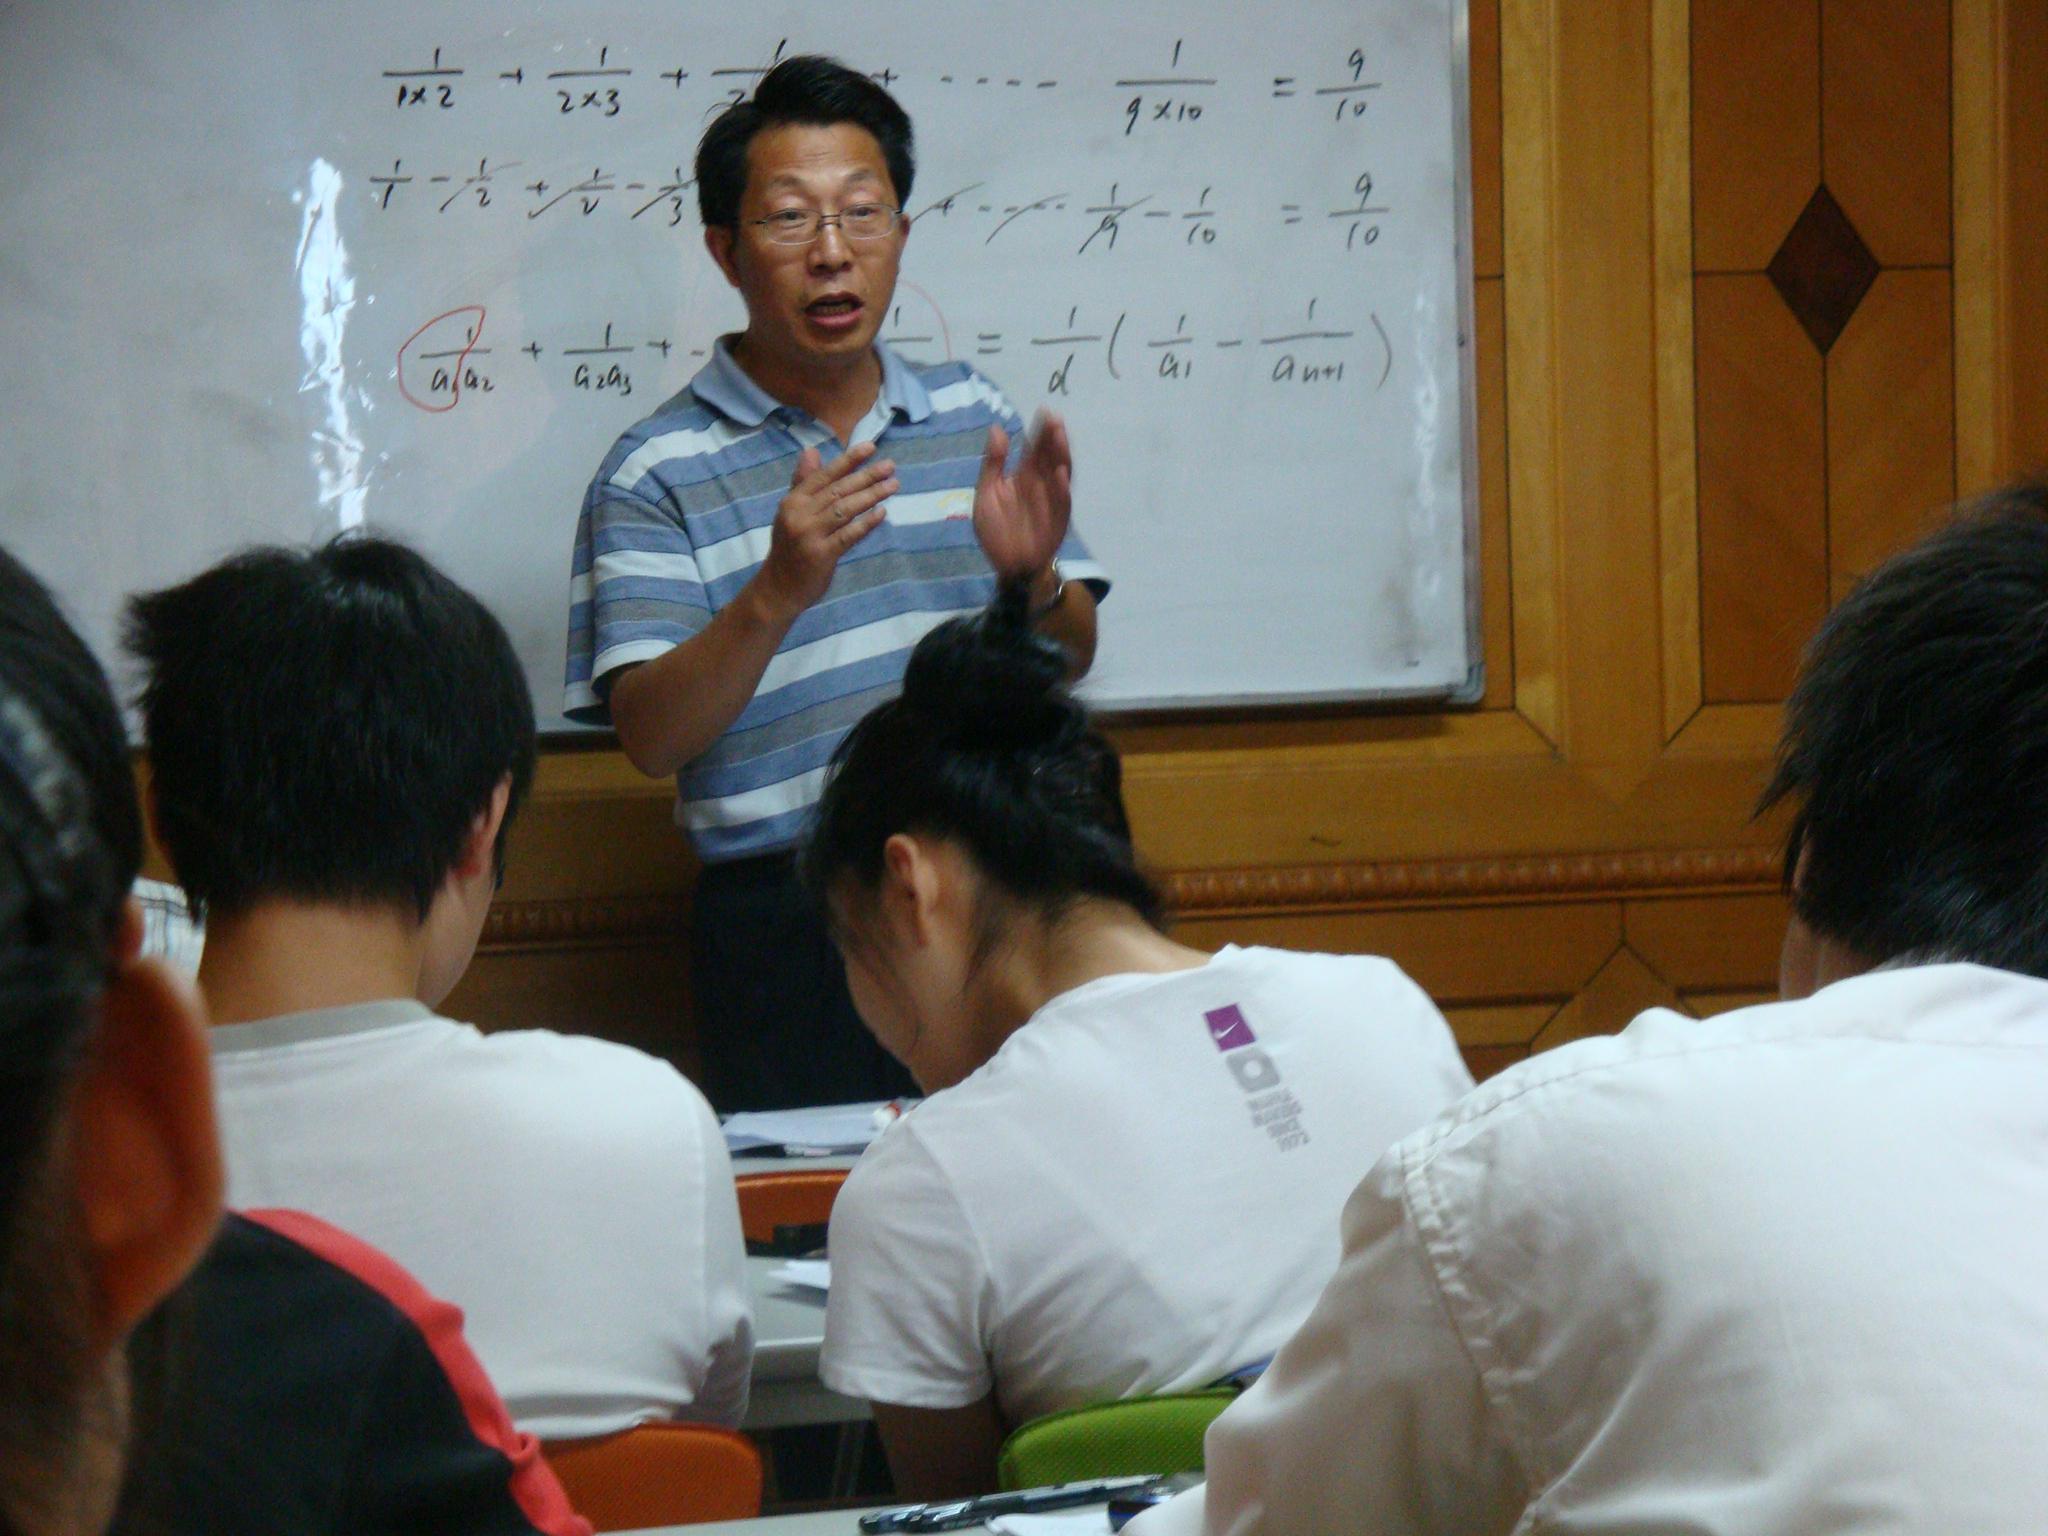 在職教師注意了!千萬不要拿自己的前途開玩笑,教育局採取零容忍